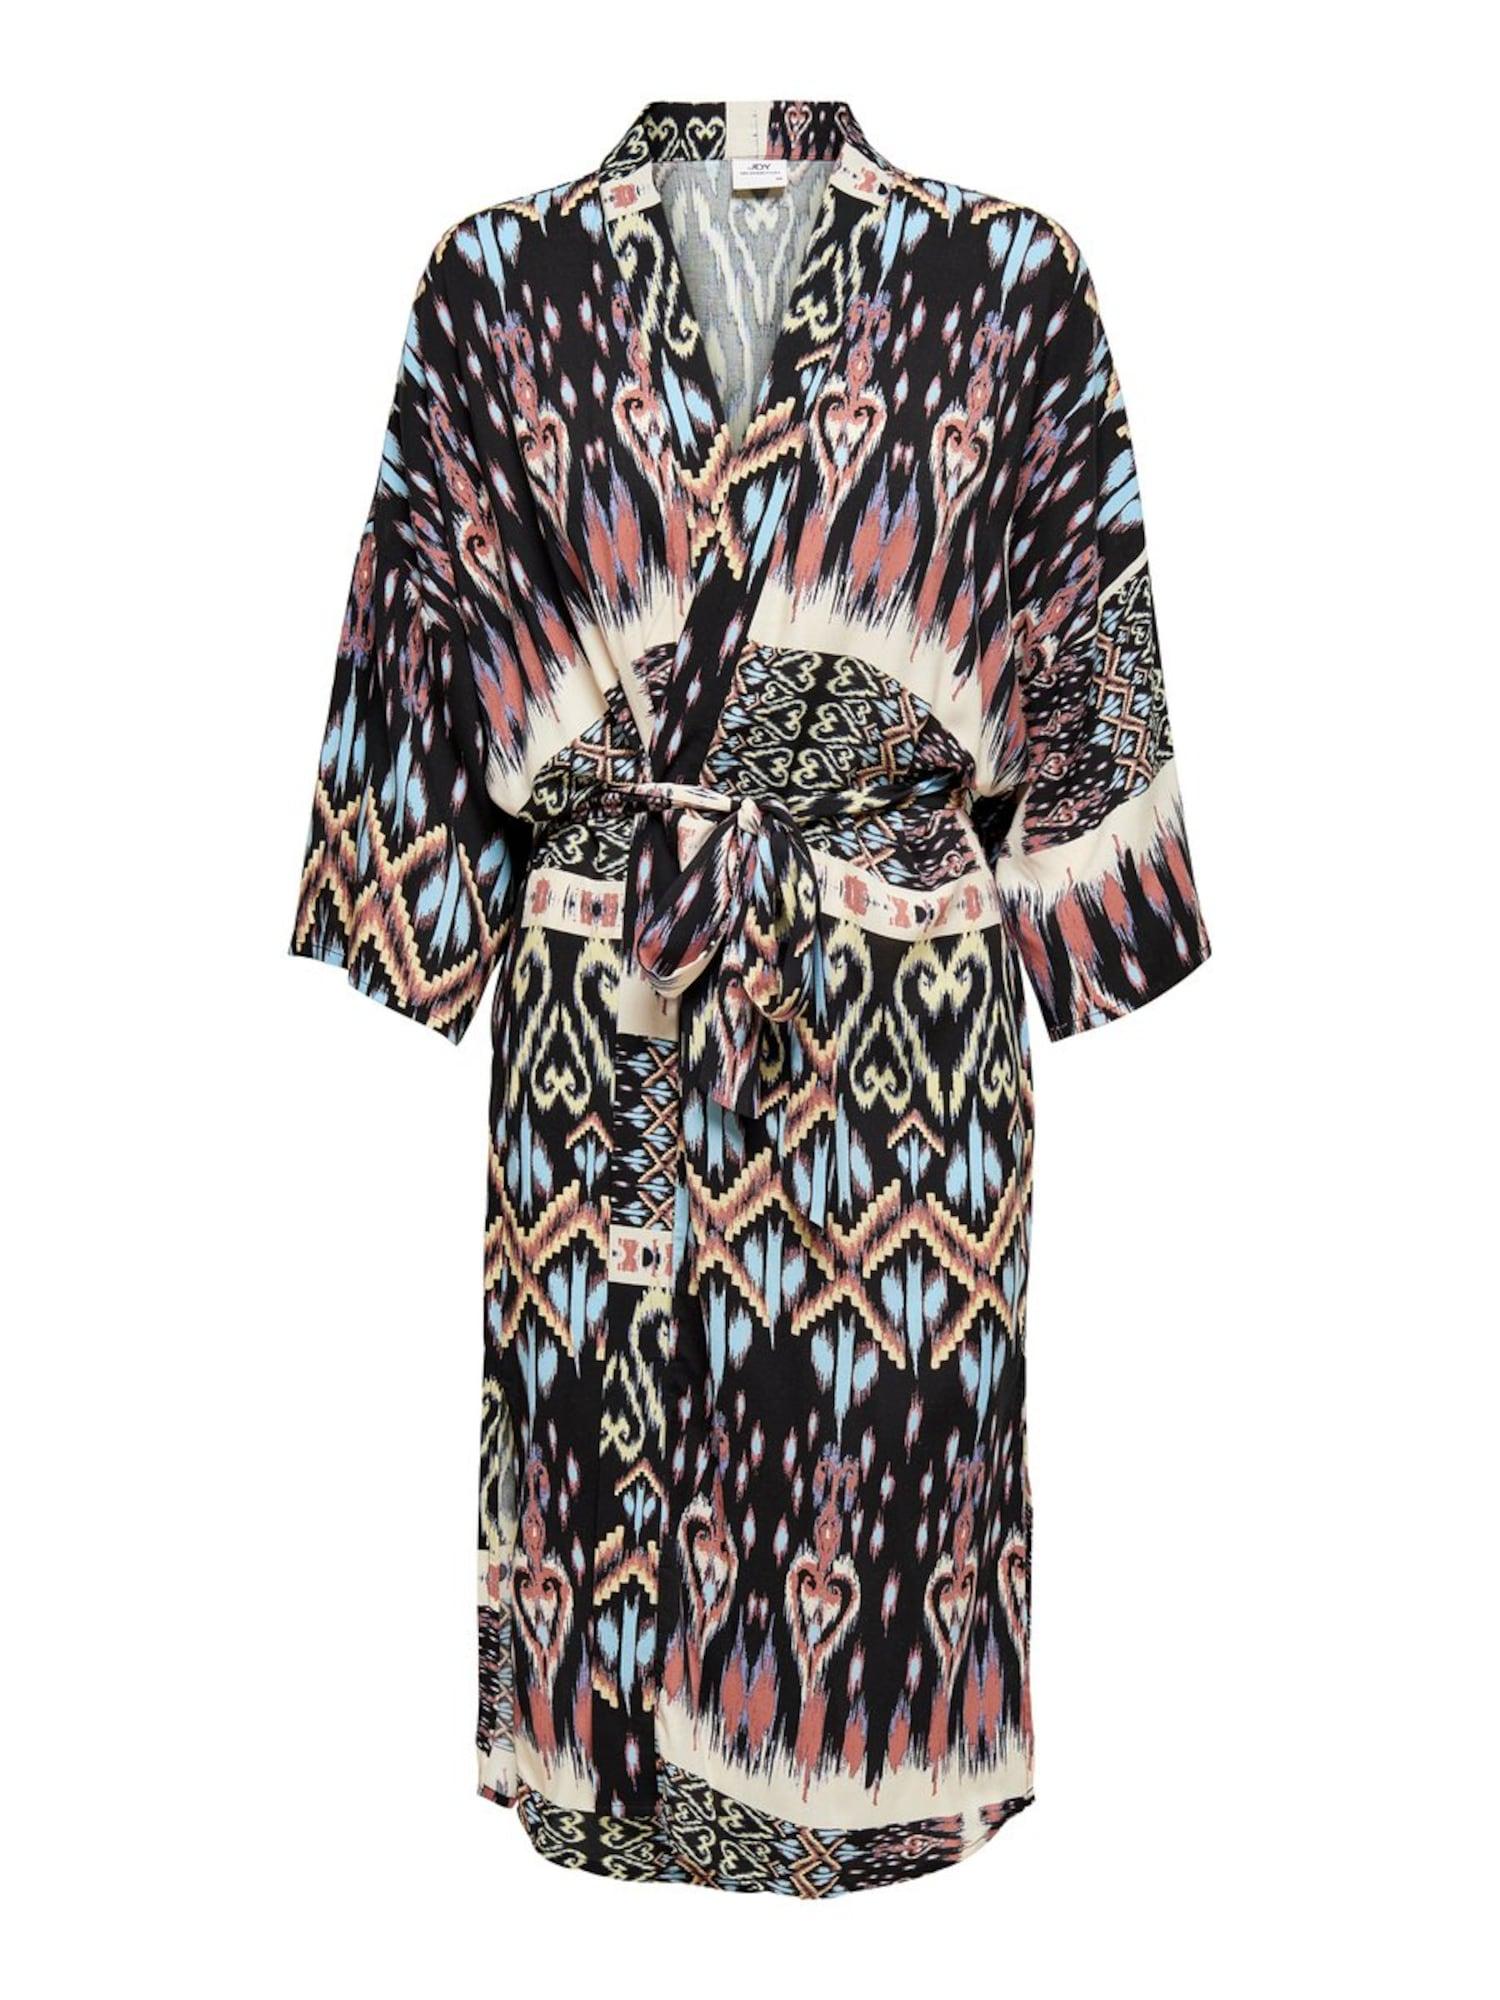 JACQUELINE de YONG Kimono 'Tranis' omarų spalva / mišrios spalvos / juoda / mėlyna / smėlio